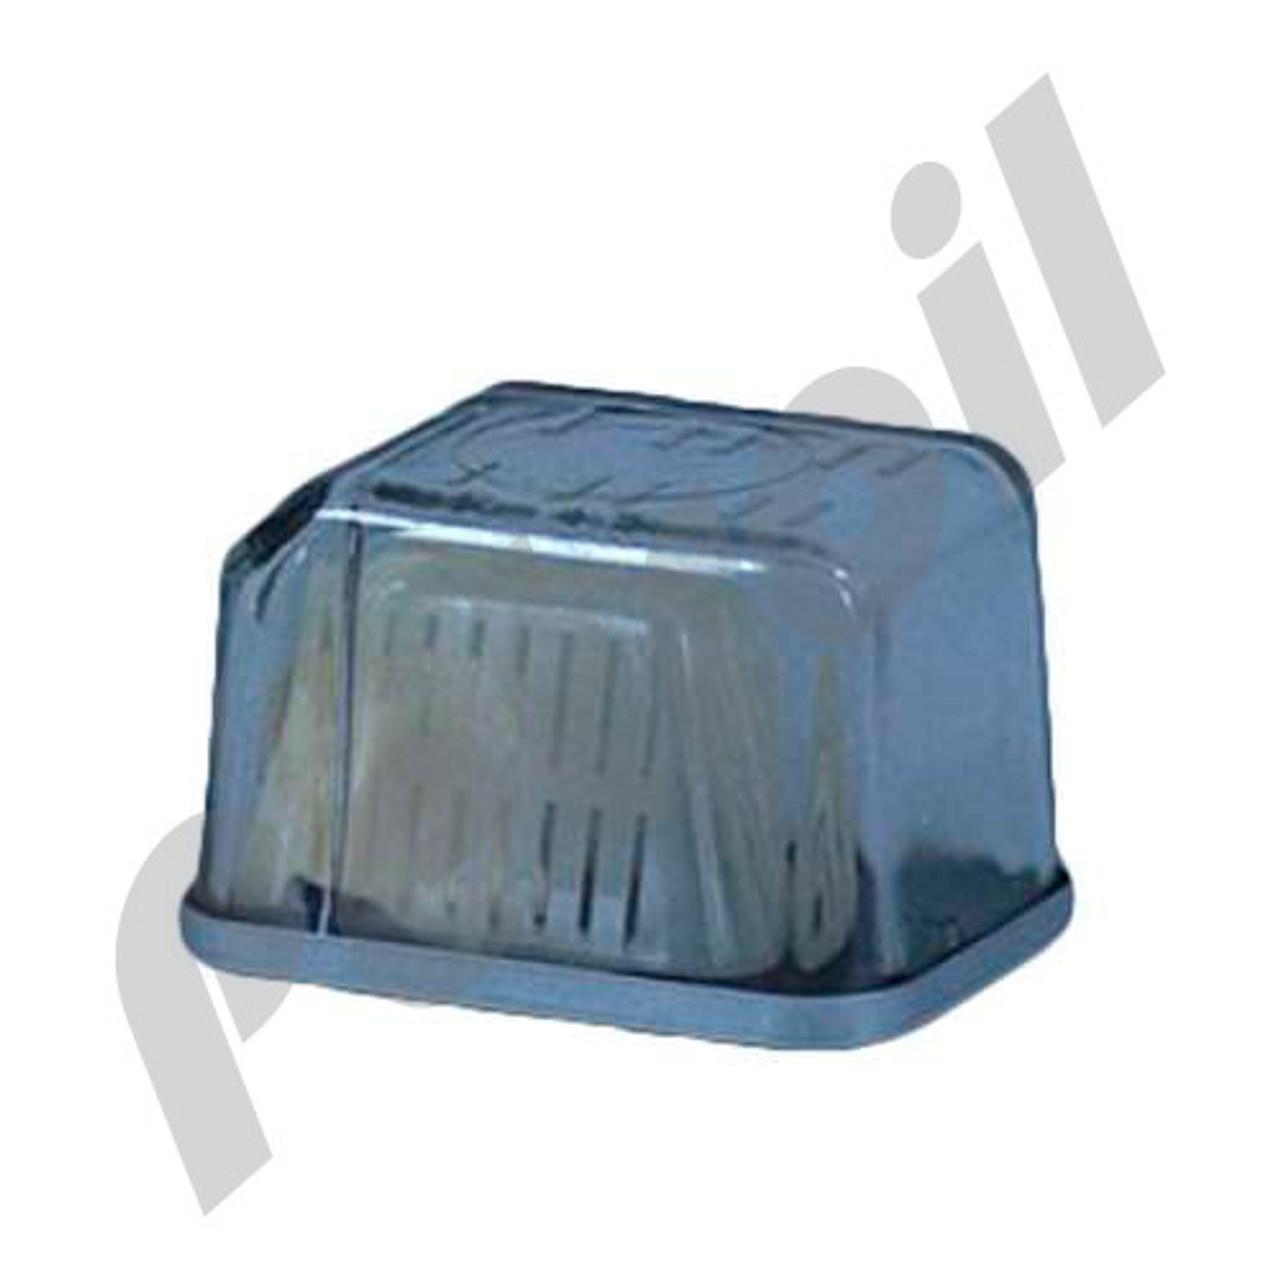 hight resolution of c 12 cat fuel filter hosing